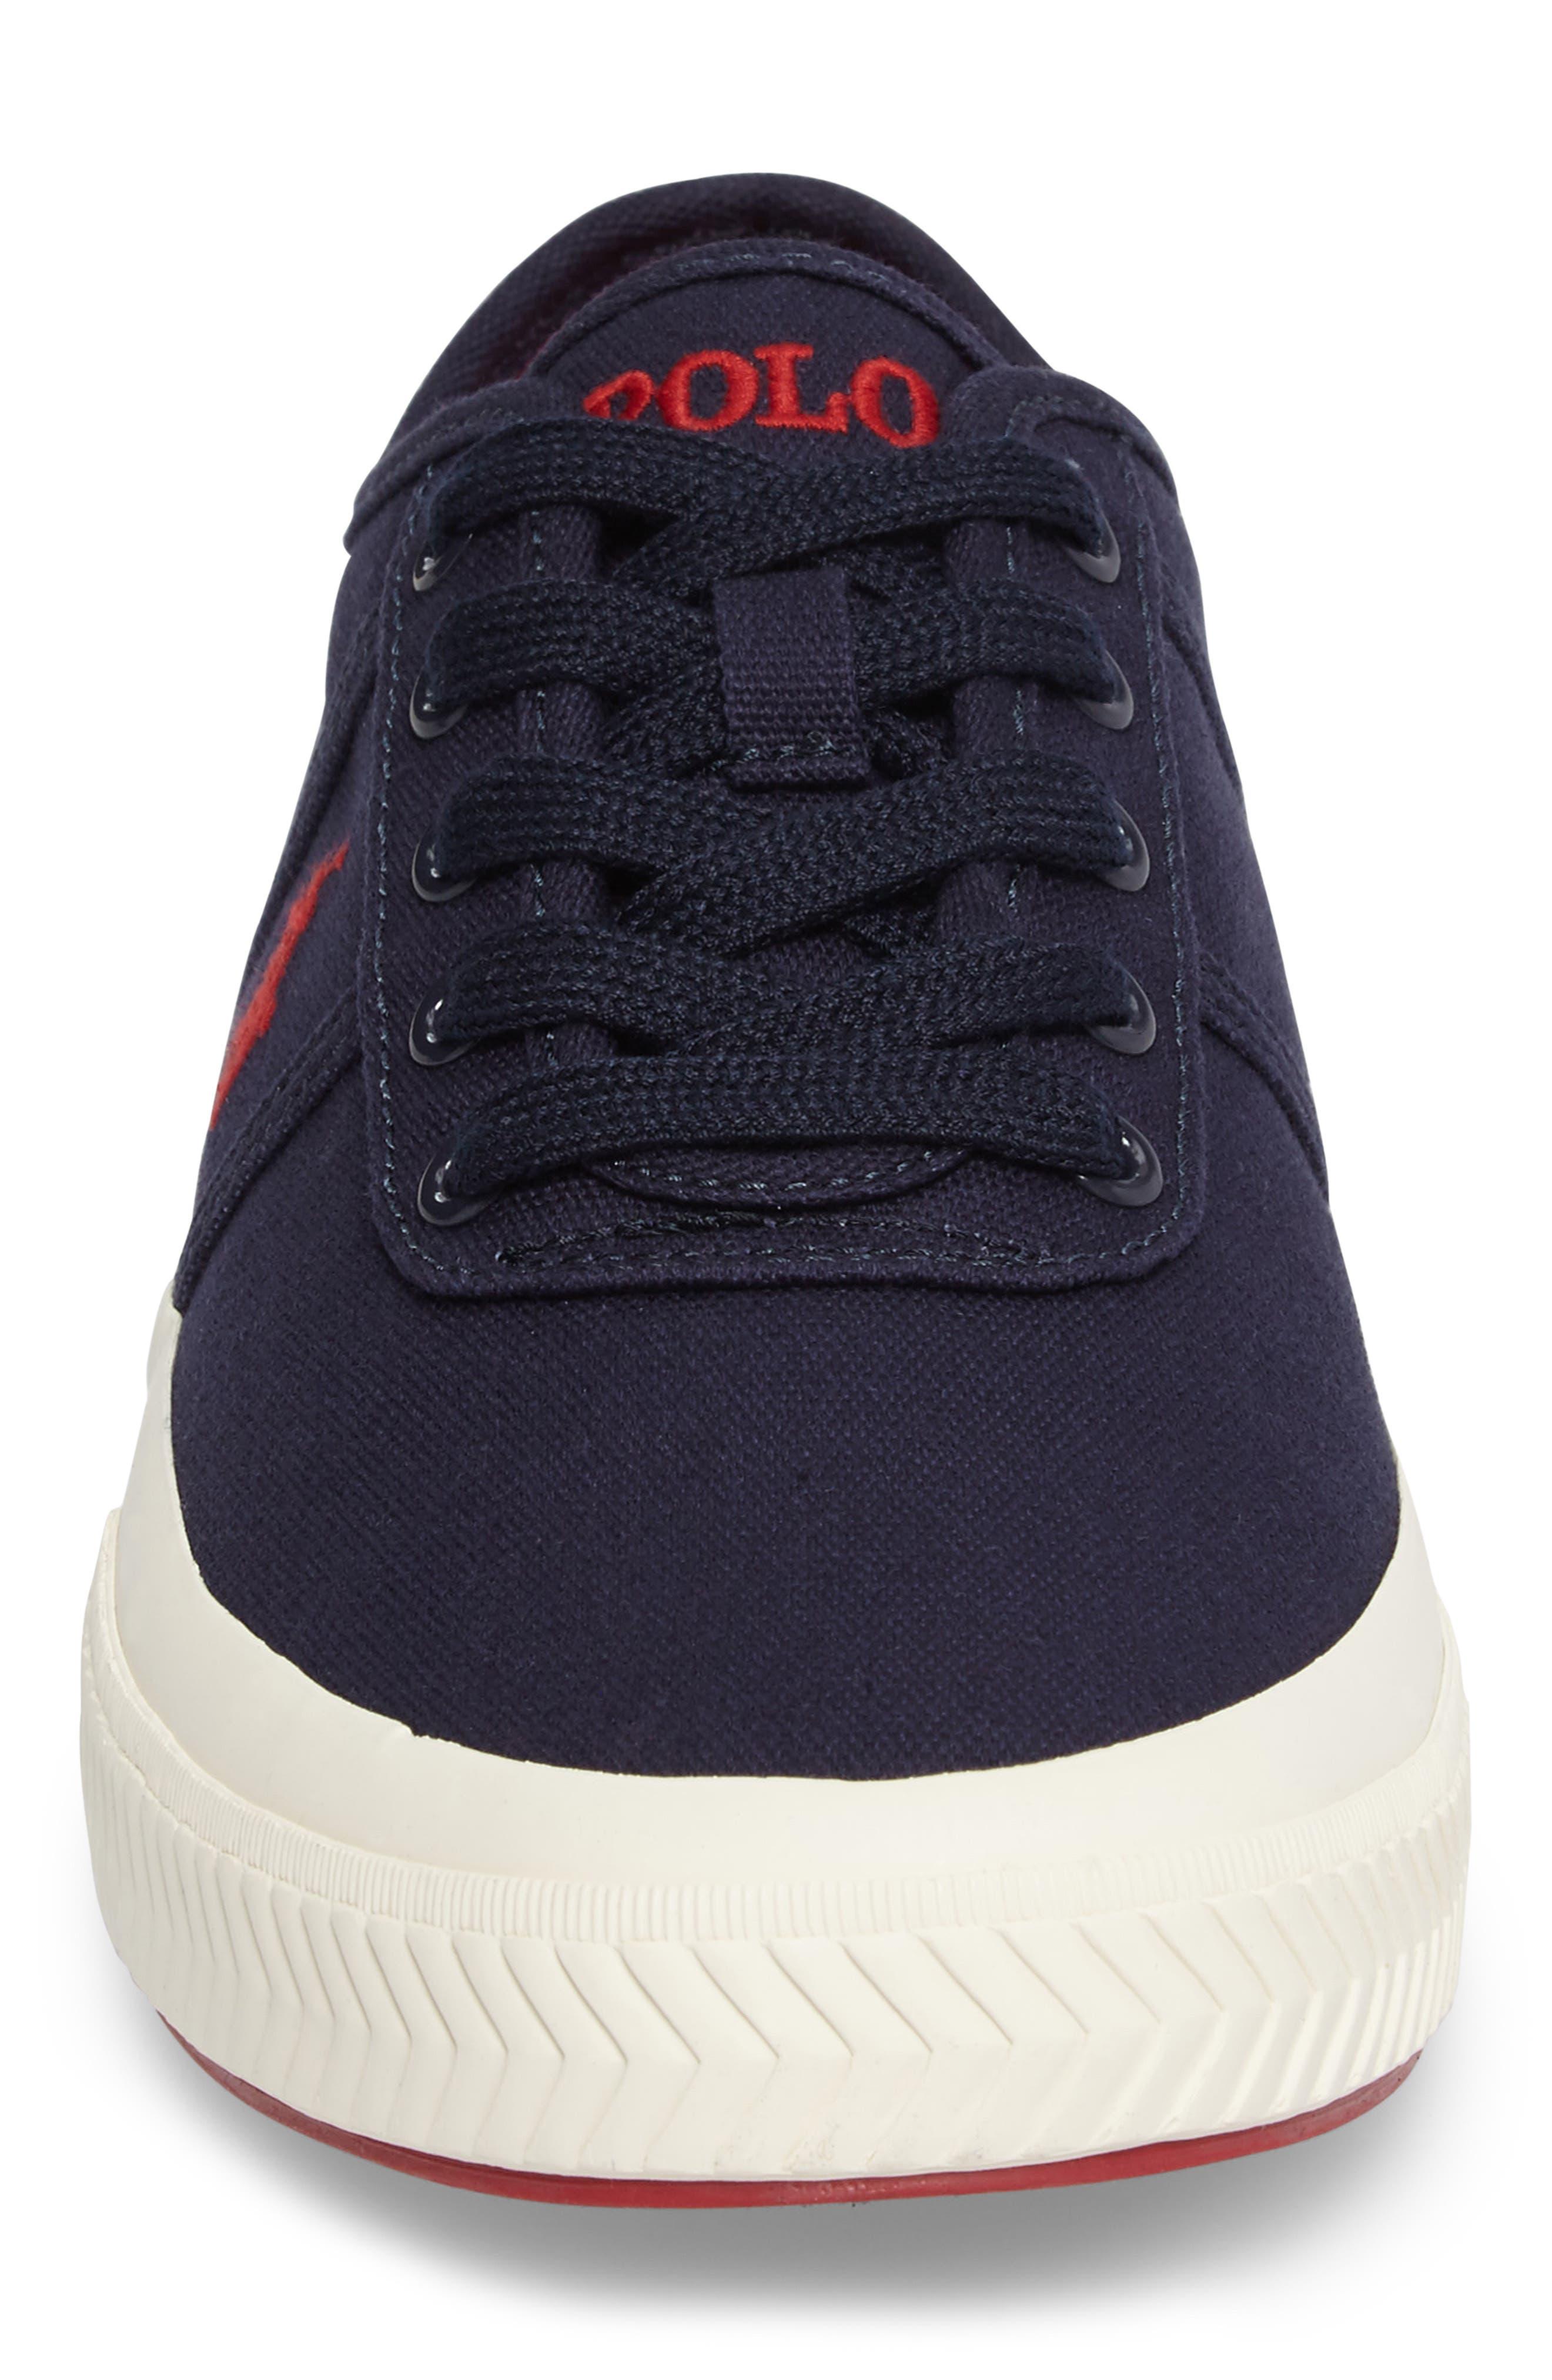 Polo Ralph Lauren Tyrian Sneaker,                             Alternate thumbnail 4, color,                             410